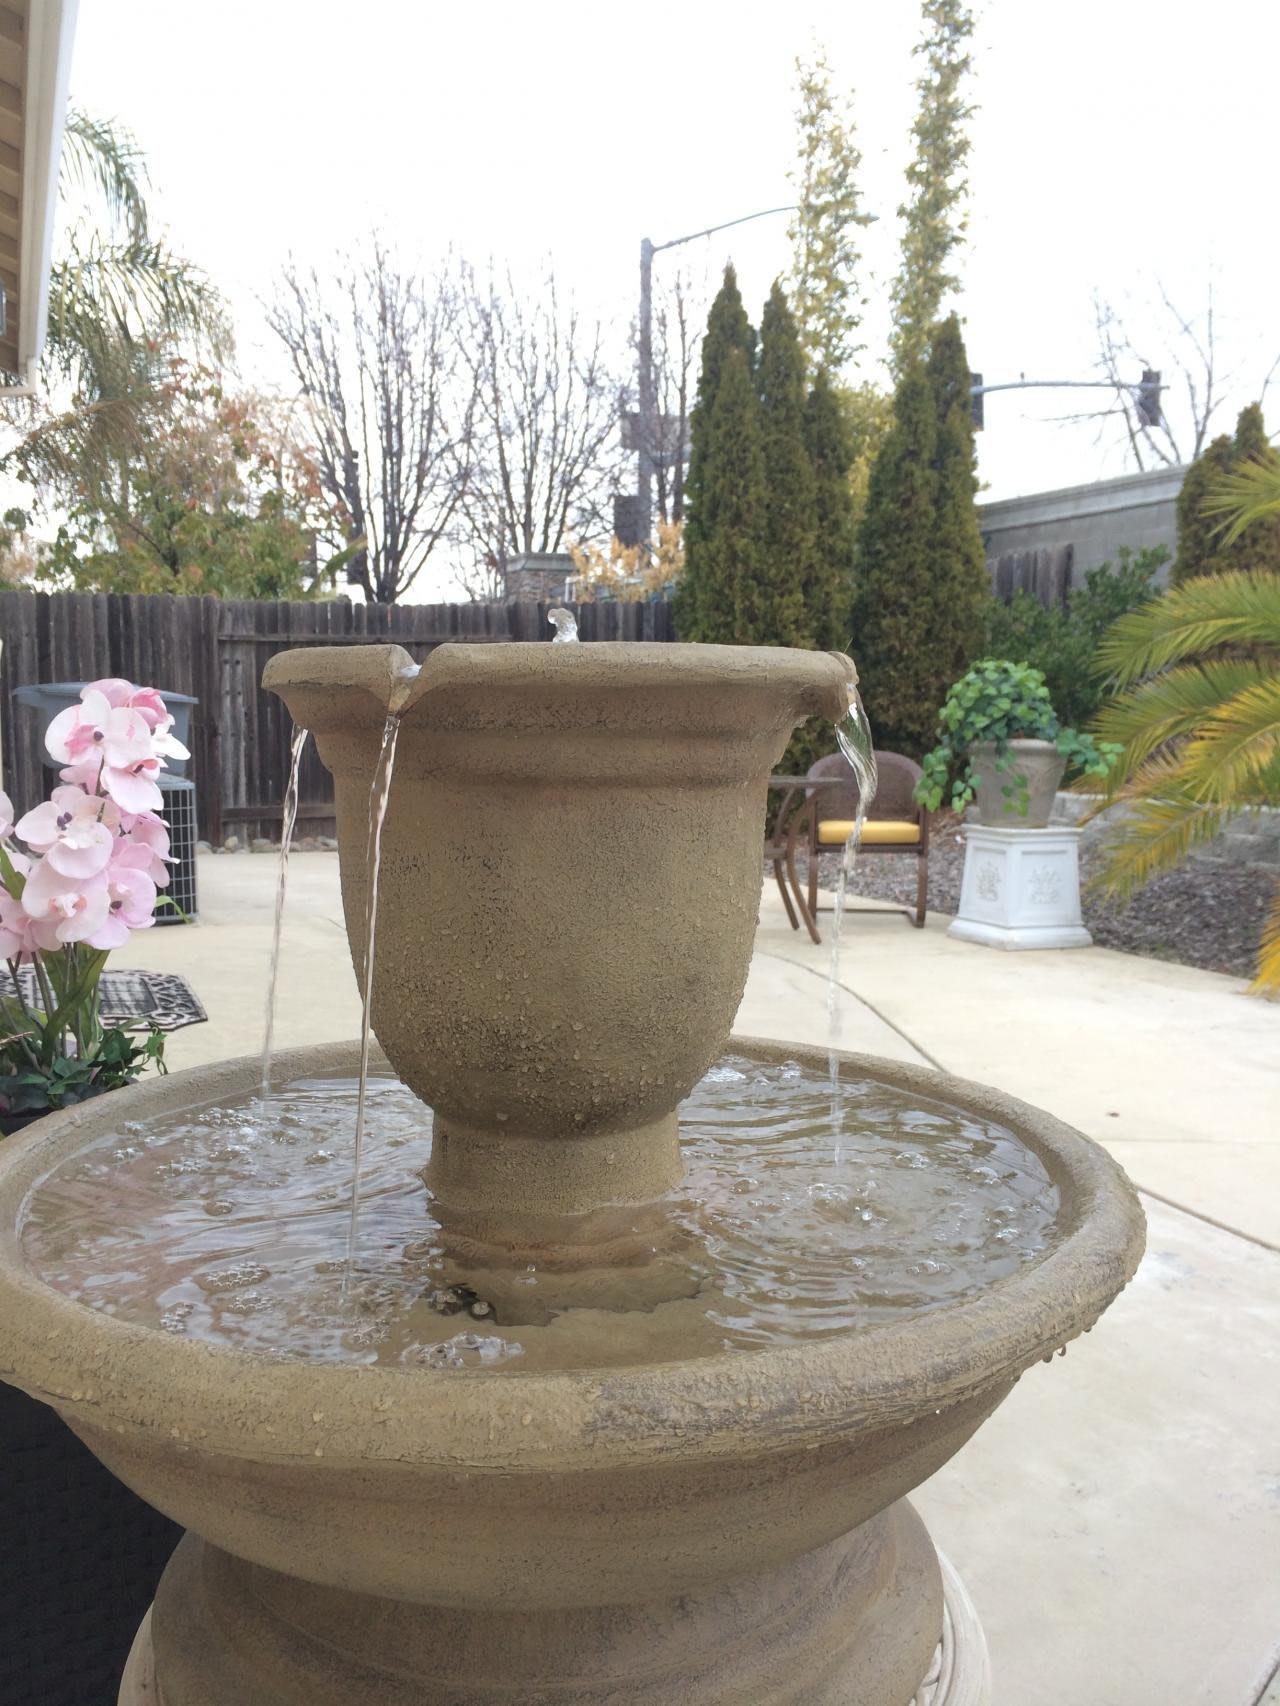 Photo 1 of 'Oasis of Rocklin' at Heaven's Garden III